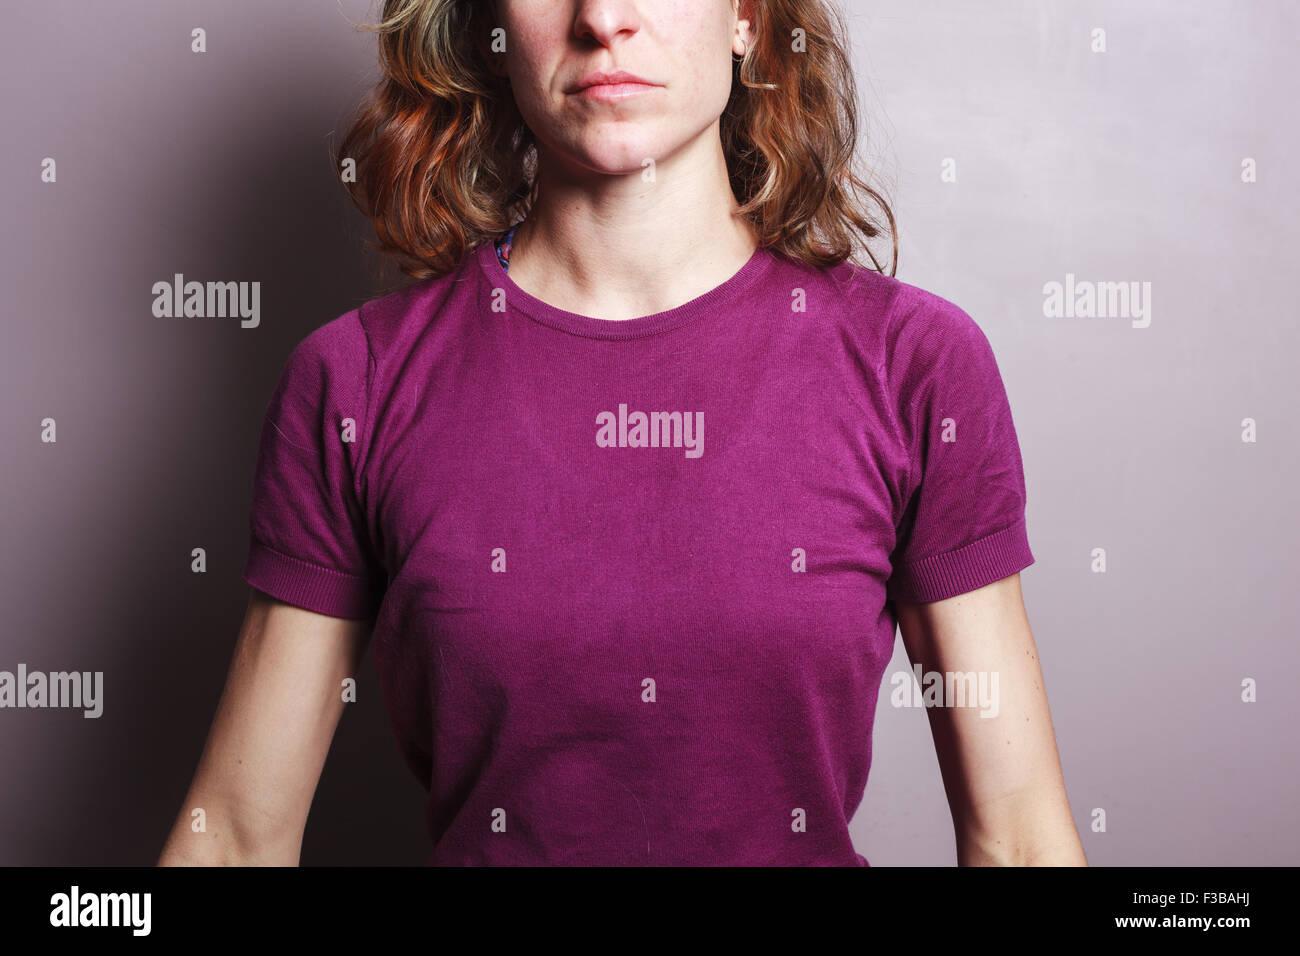 Une jeune femme porte un haut violet Photo Stock